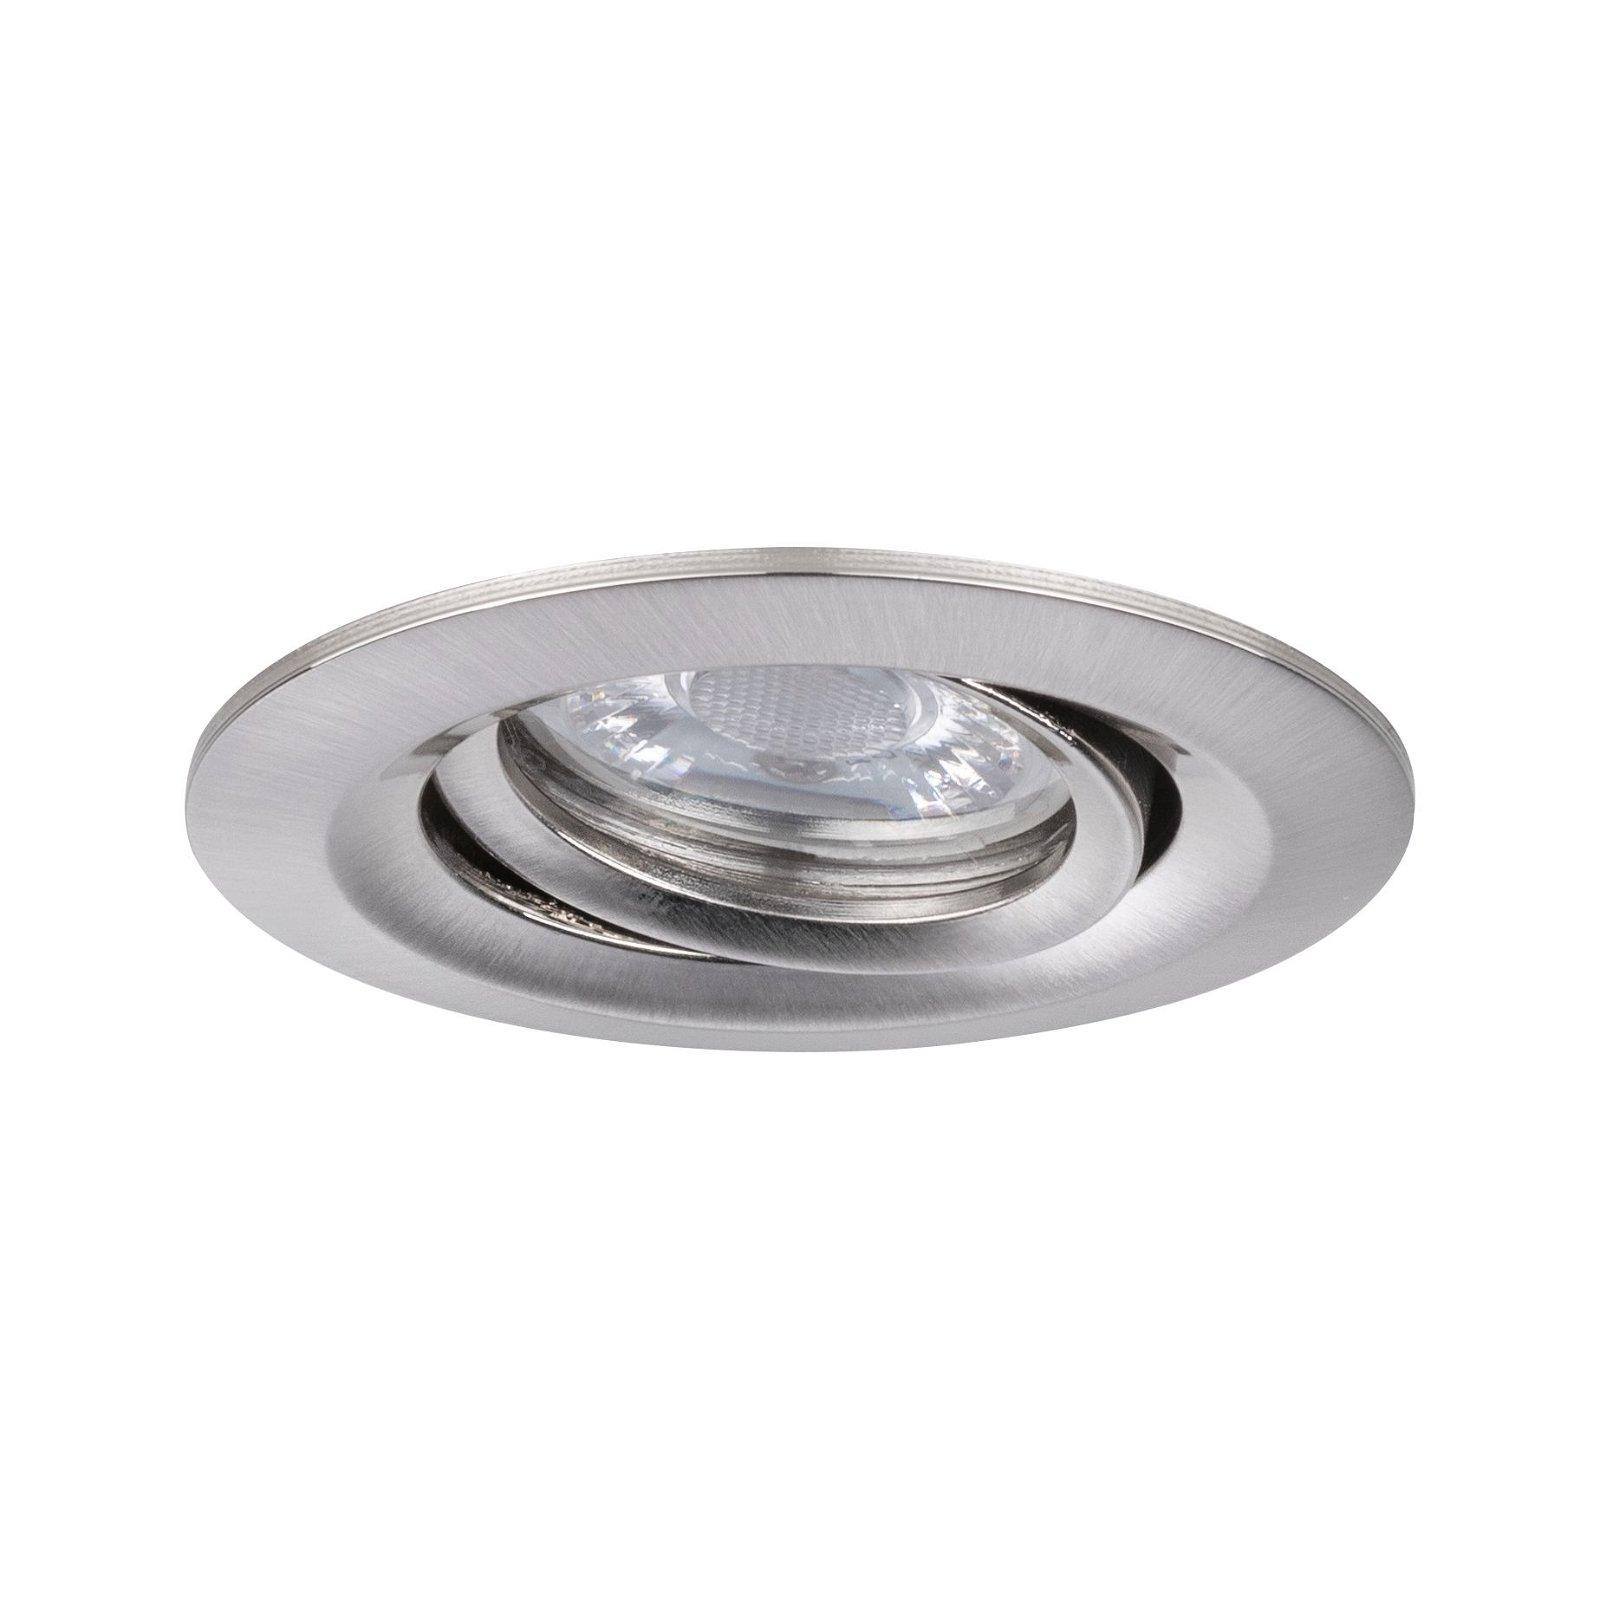 LED Einbauleuchte Easy Dim Nova Mini Plus Coin Einzelleuchte schwenkbar rund 66mm 15° Coin 4,2W 300lm 230V 2700K Eisen gebürstet